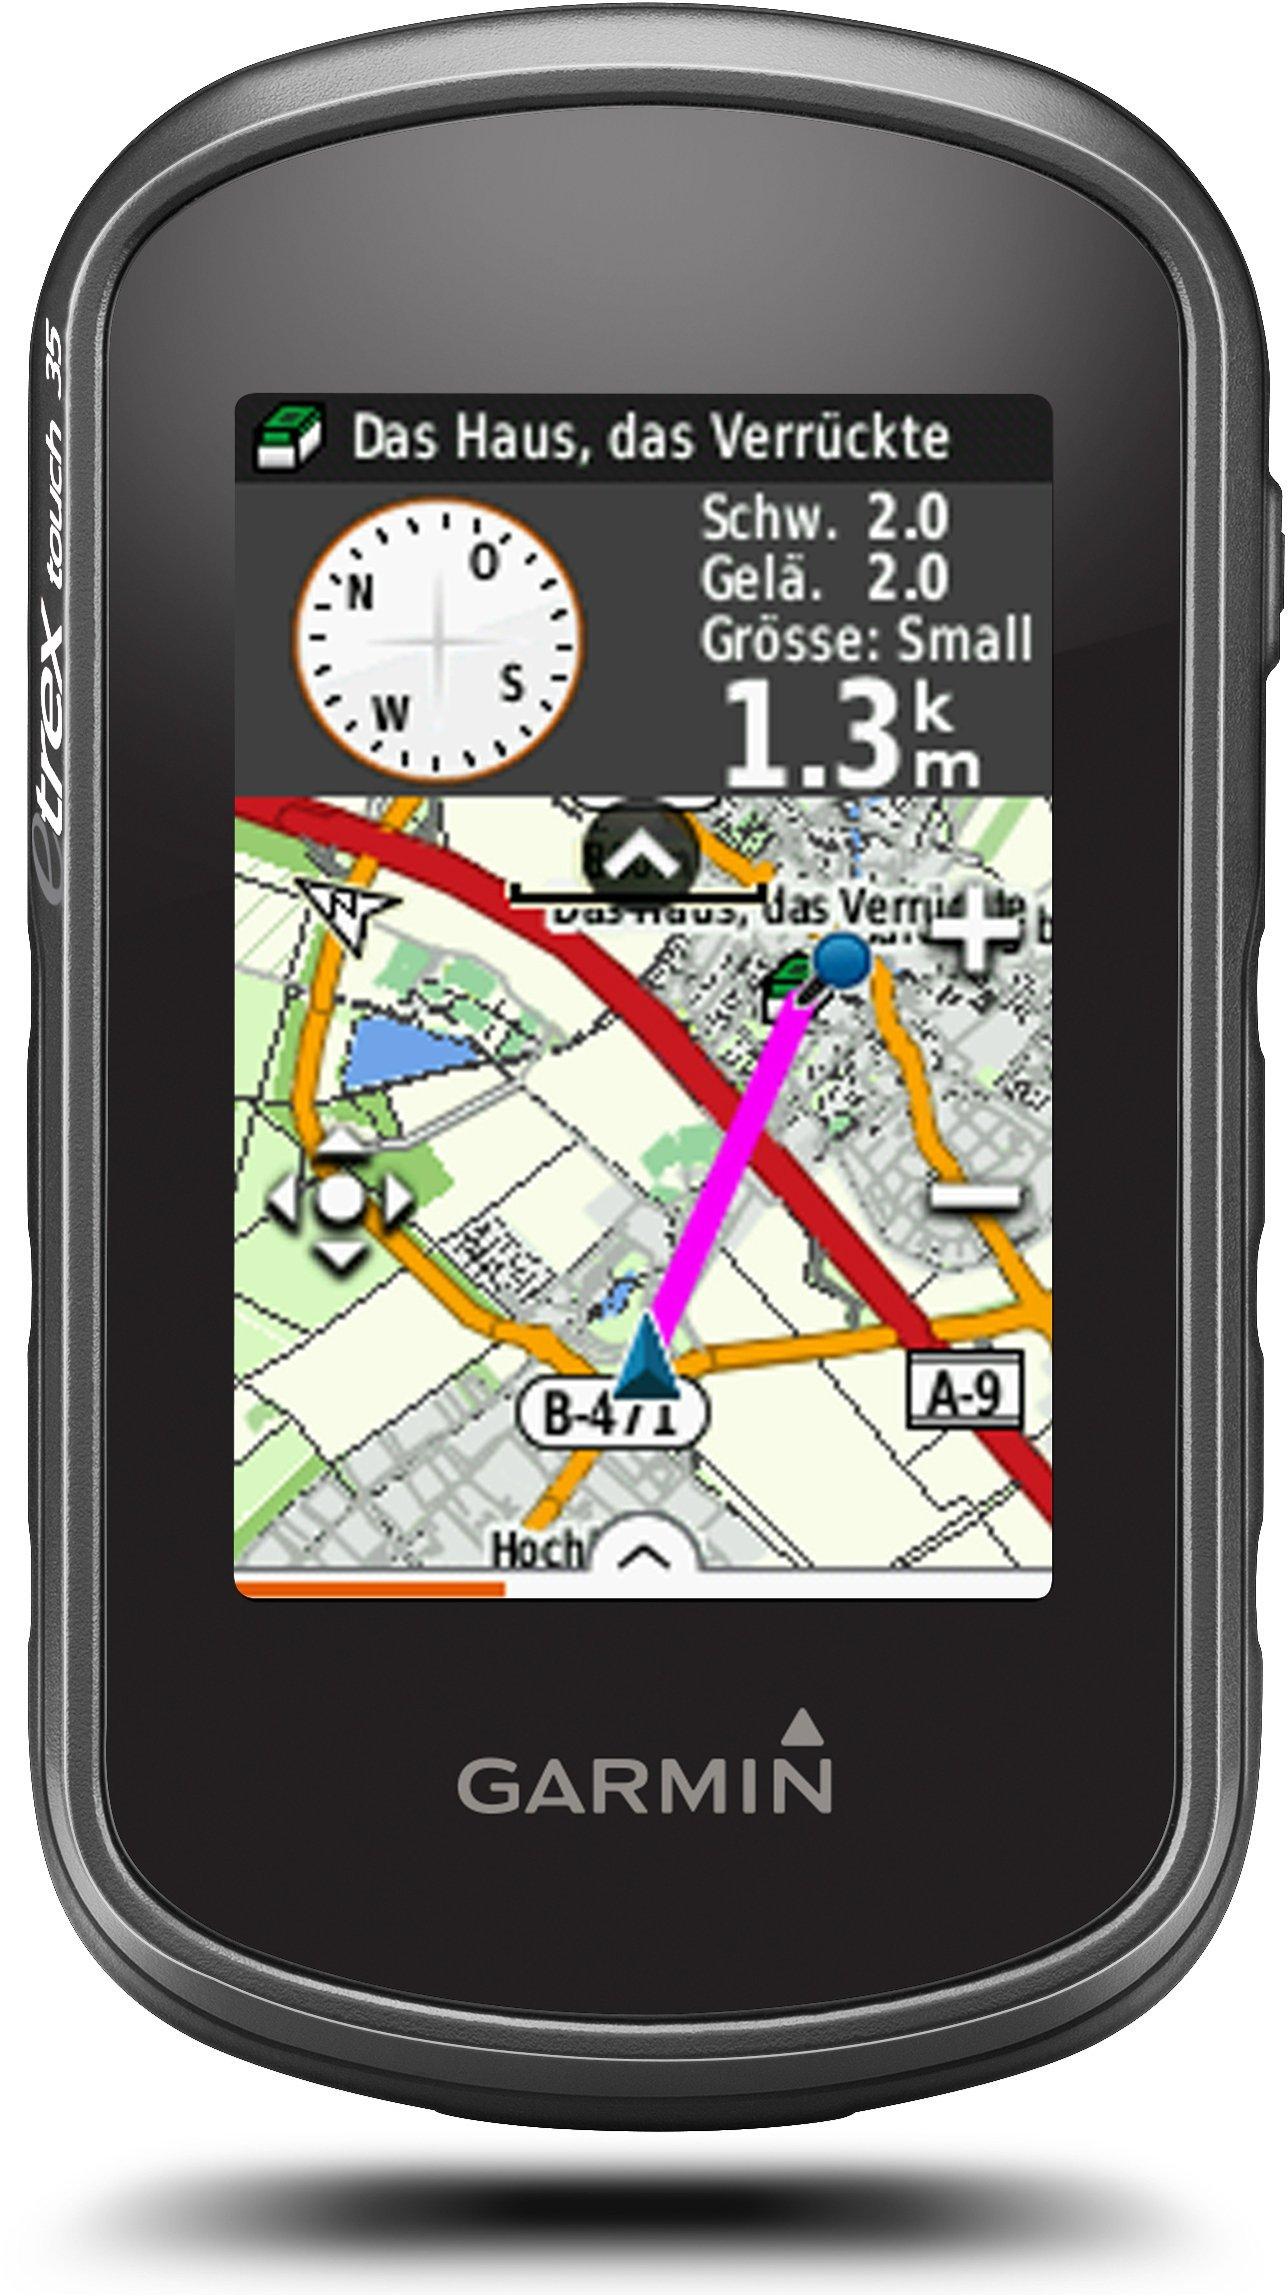 """Garmin eTrex Touch 35 GPS Portatile, Schermo 2.6"""", Altimetro Barometrico e Bussola Elettronica, Mappa TopoActive Europa Occidentale, Nero/Verde product image"""